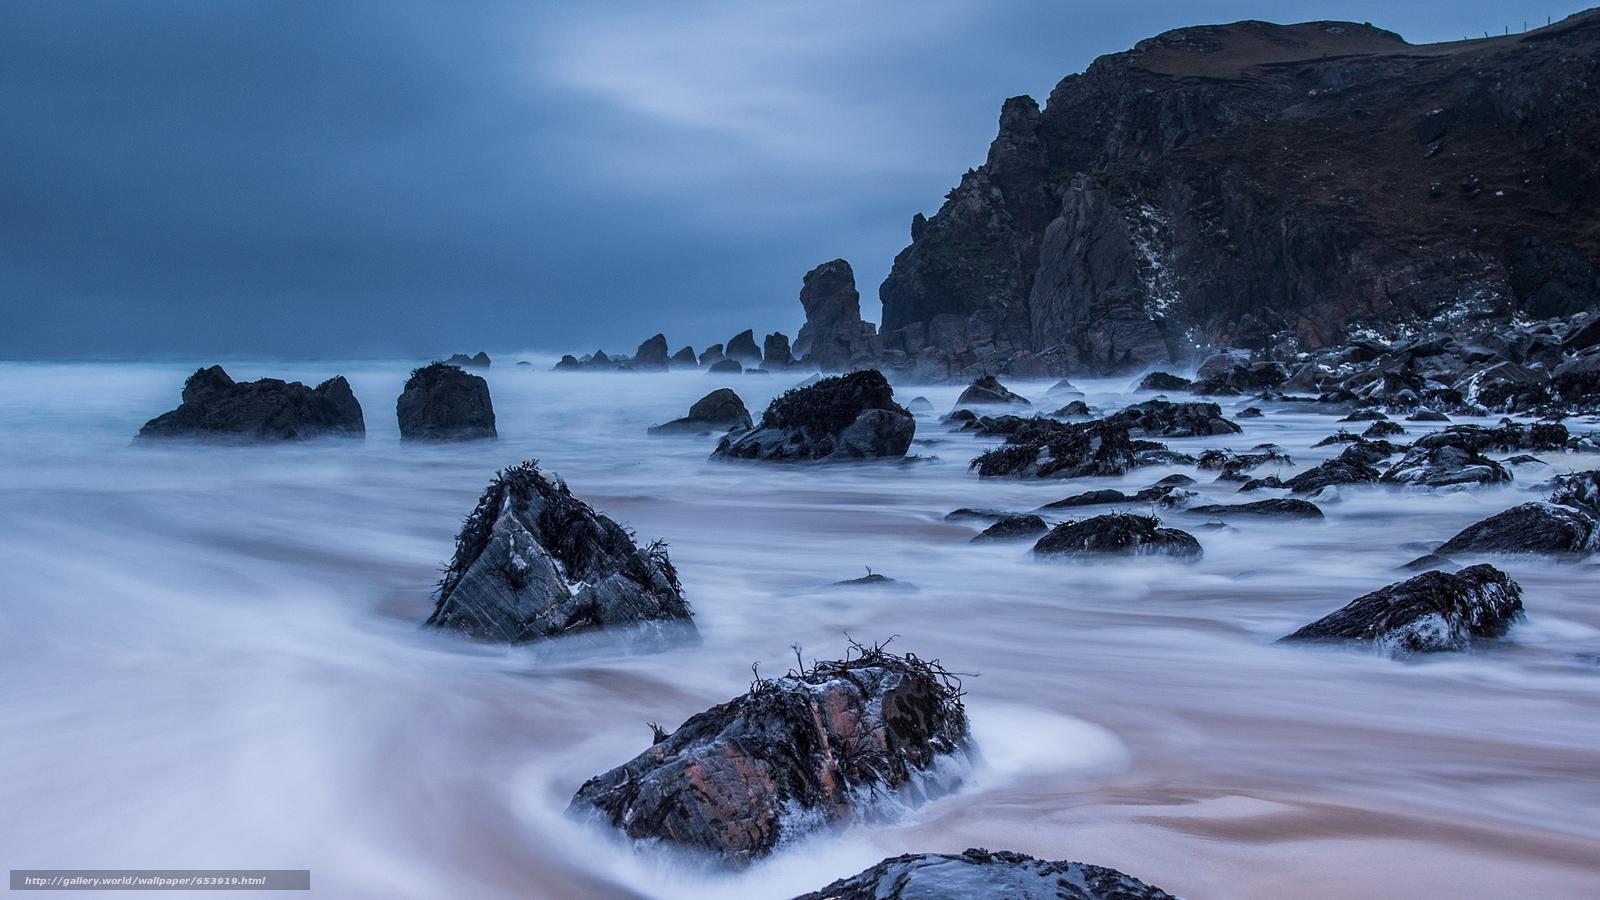 Скачать обои море,  океан,  водоем,  камни бесплатно для рабочего стола в разрешении 2048x1152 — картинка №653919